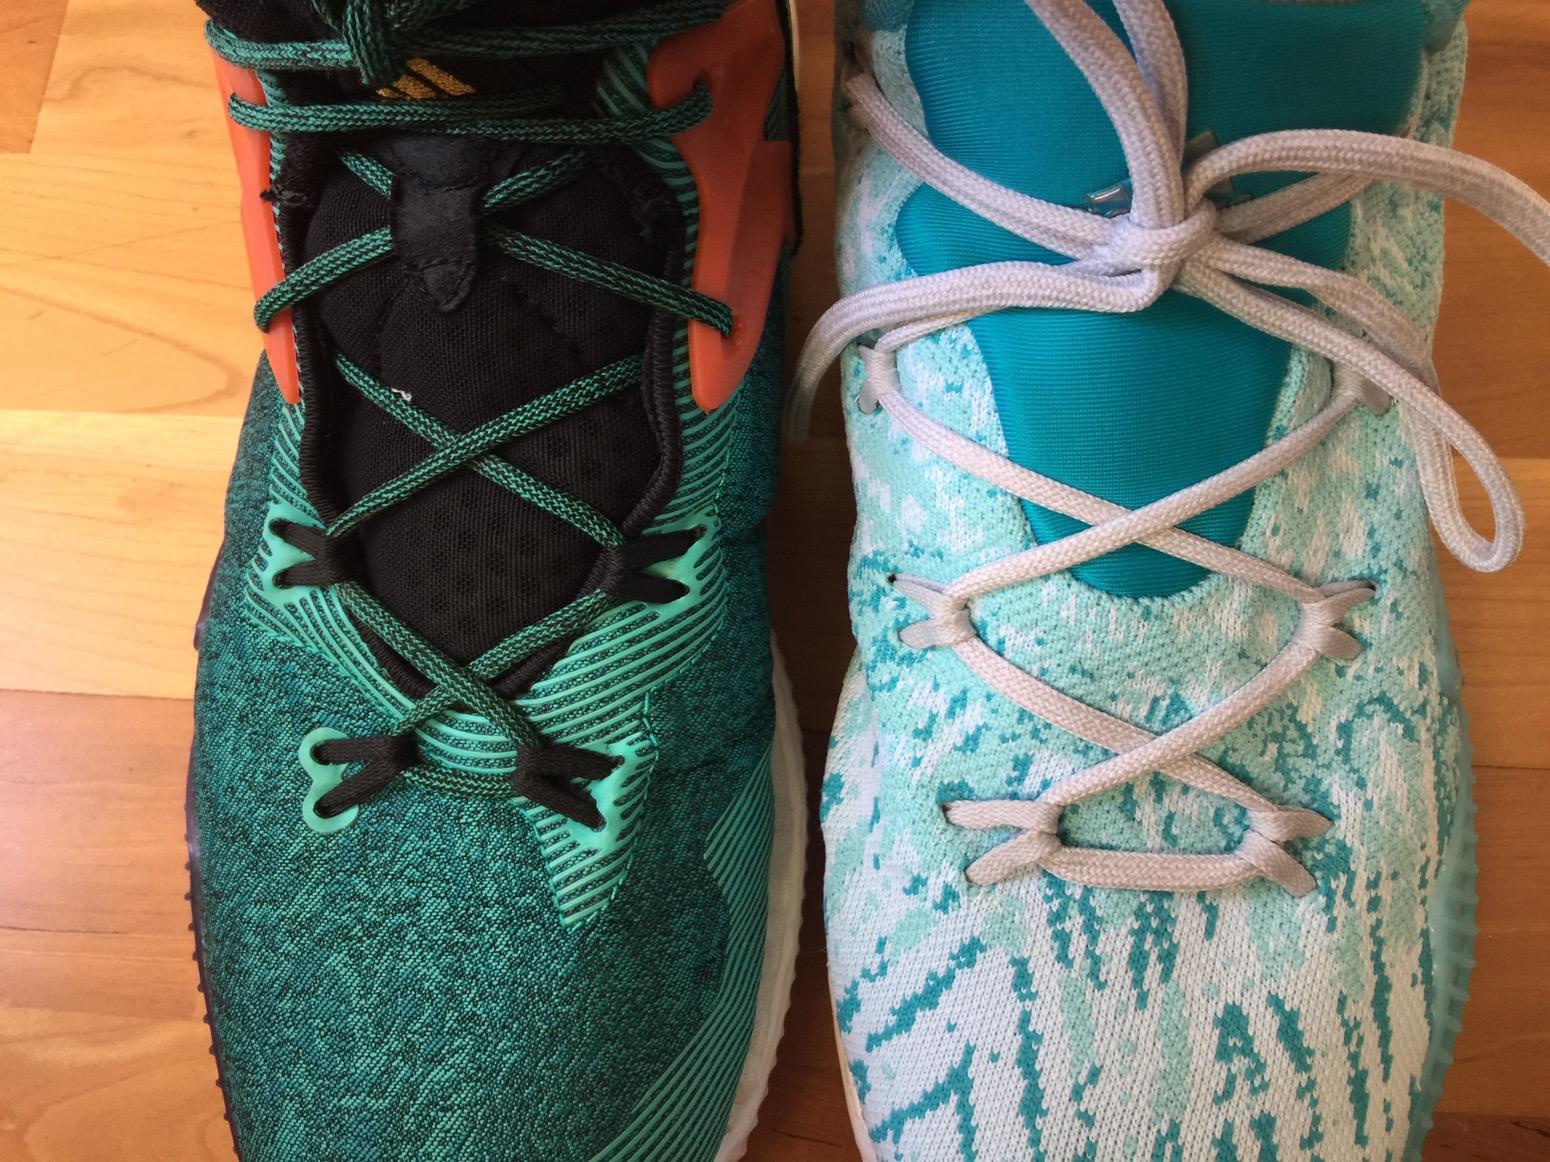 Adidas Crazylight Boost 2016 Primeknit vs Non PK Comparison